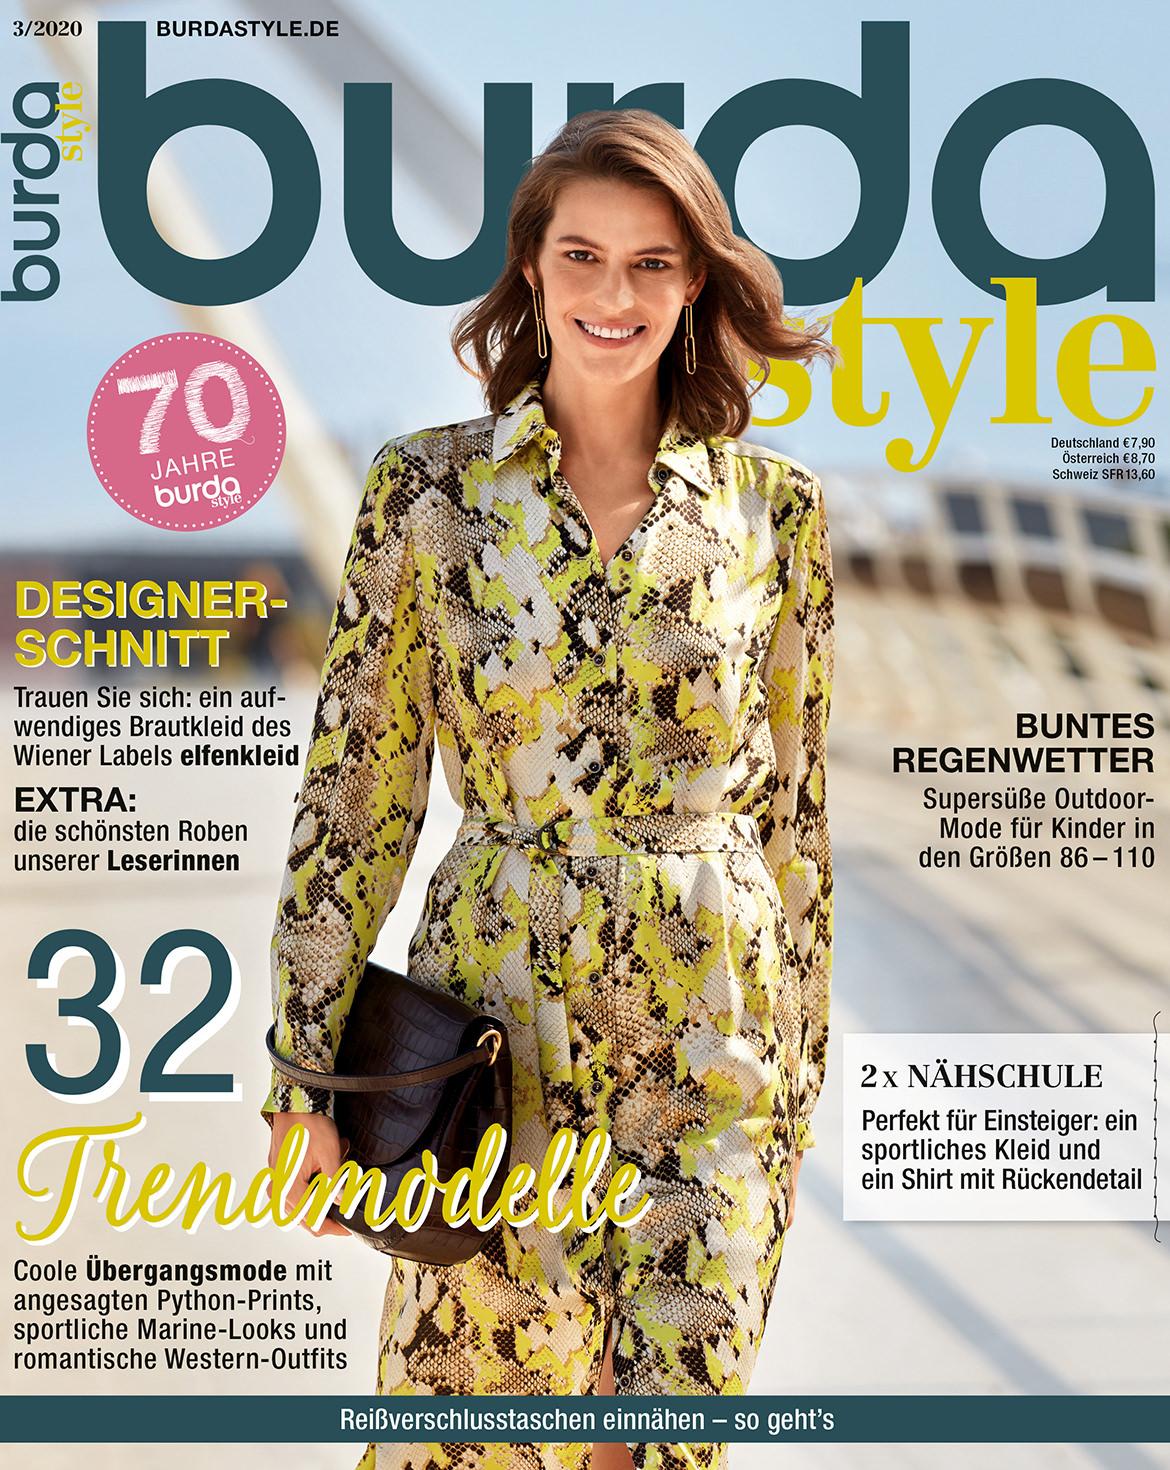 burda style Ausgabe März 2020